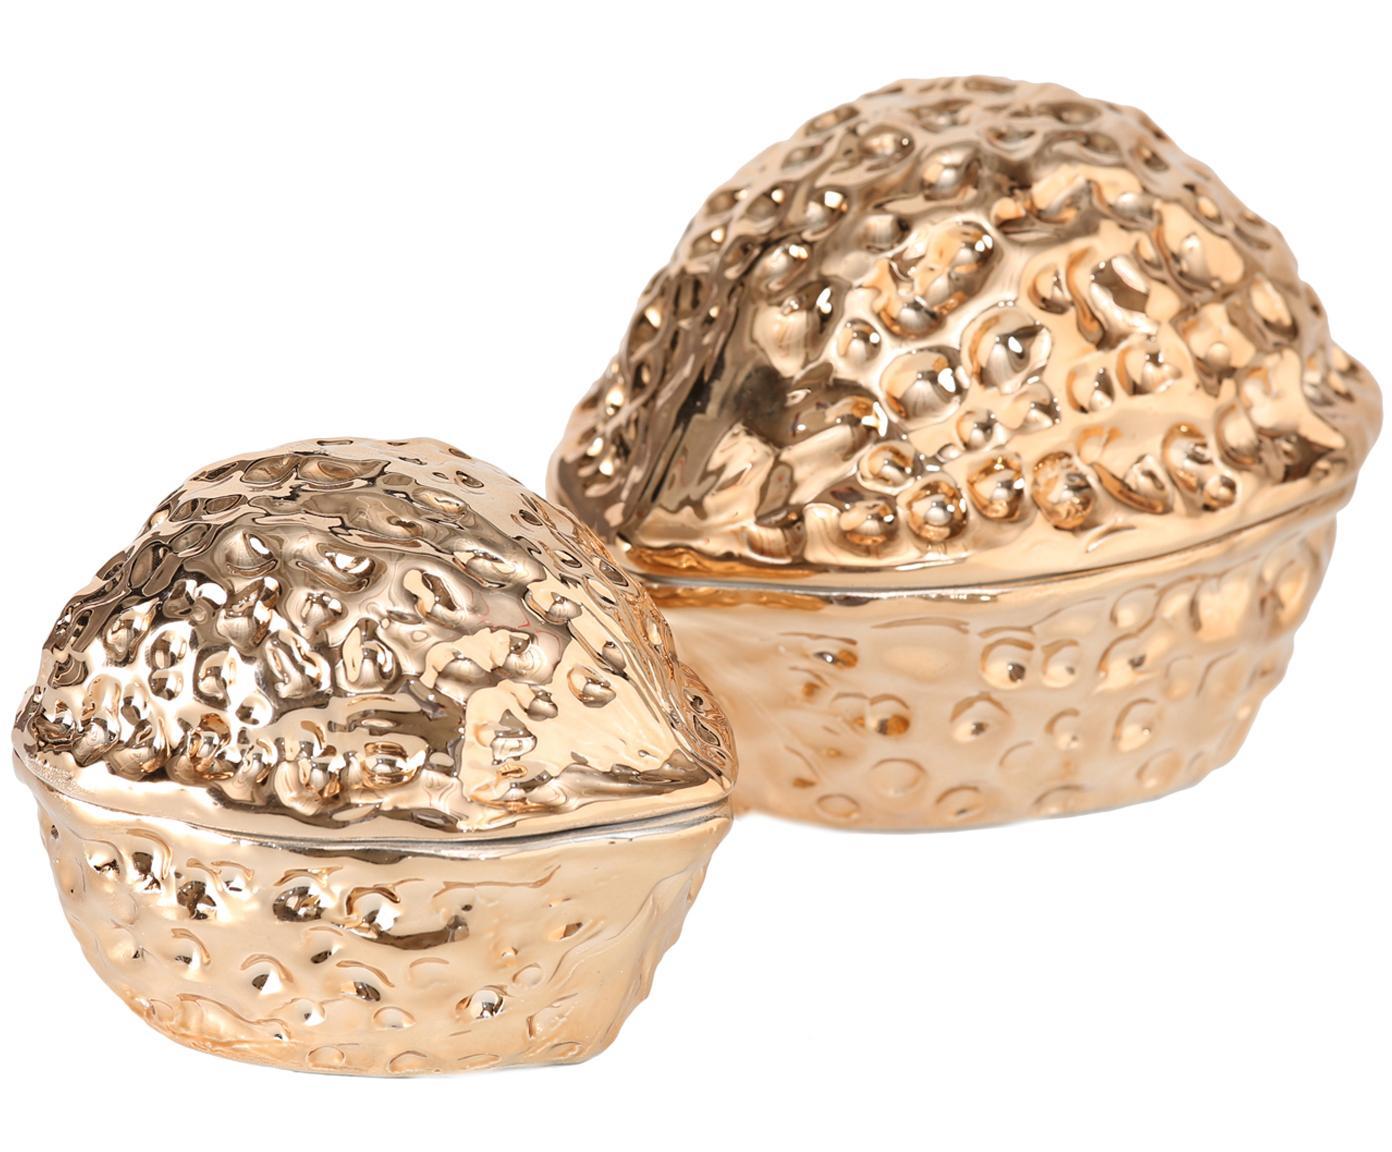 Komplet pojemników do przechowywania Walnut, 2elem., Porcelana, Odcienie złotego, Różne rozmiary